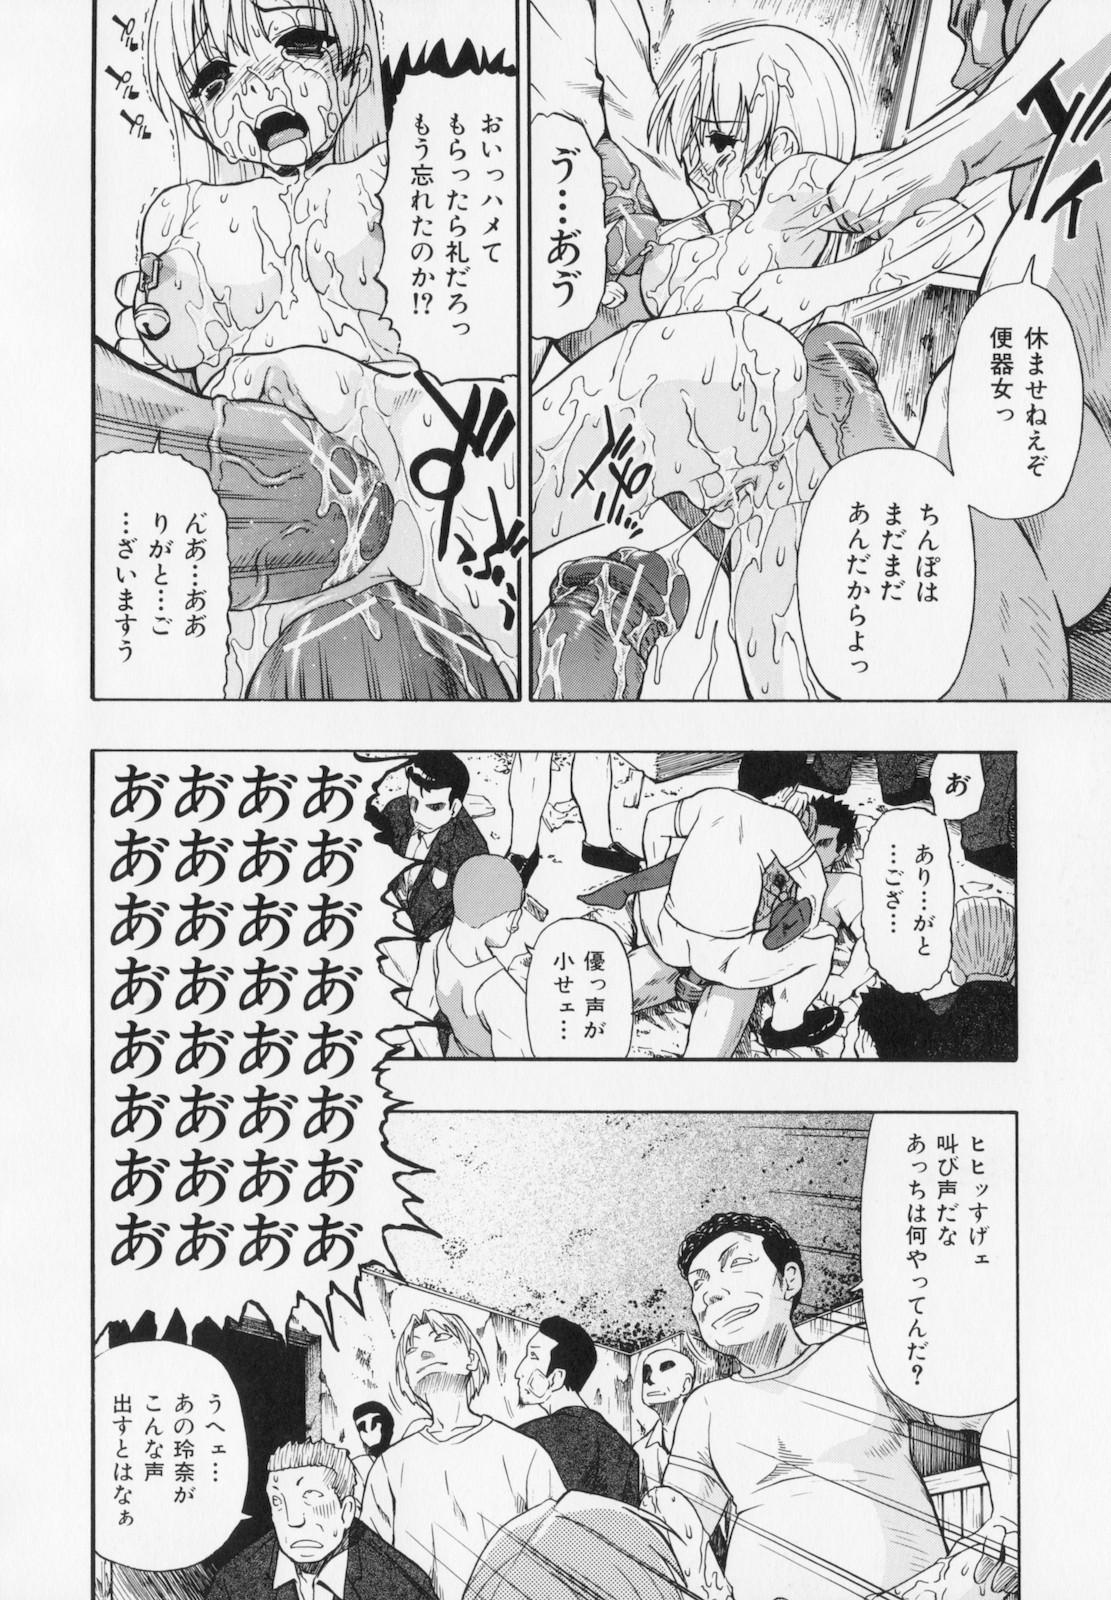 Hitodenashi no Utage - Veranstaltungsräume von Brute 75